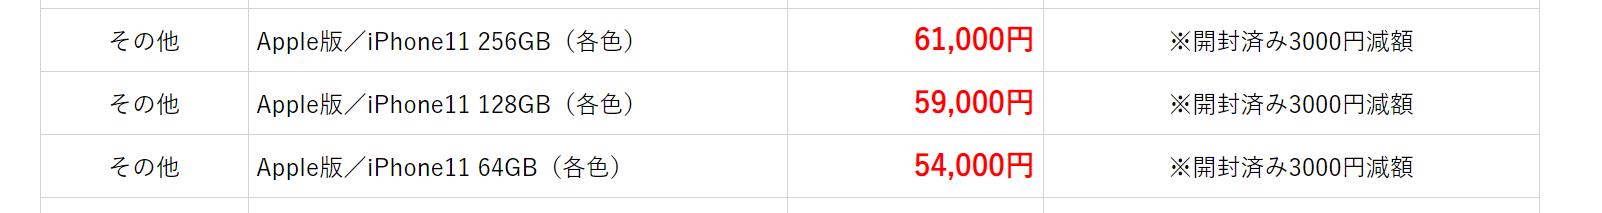 iPhone11 ゲオ買取価格